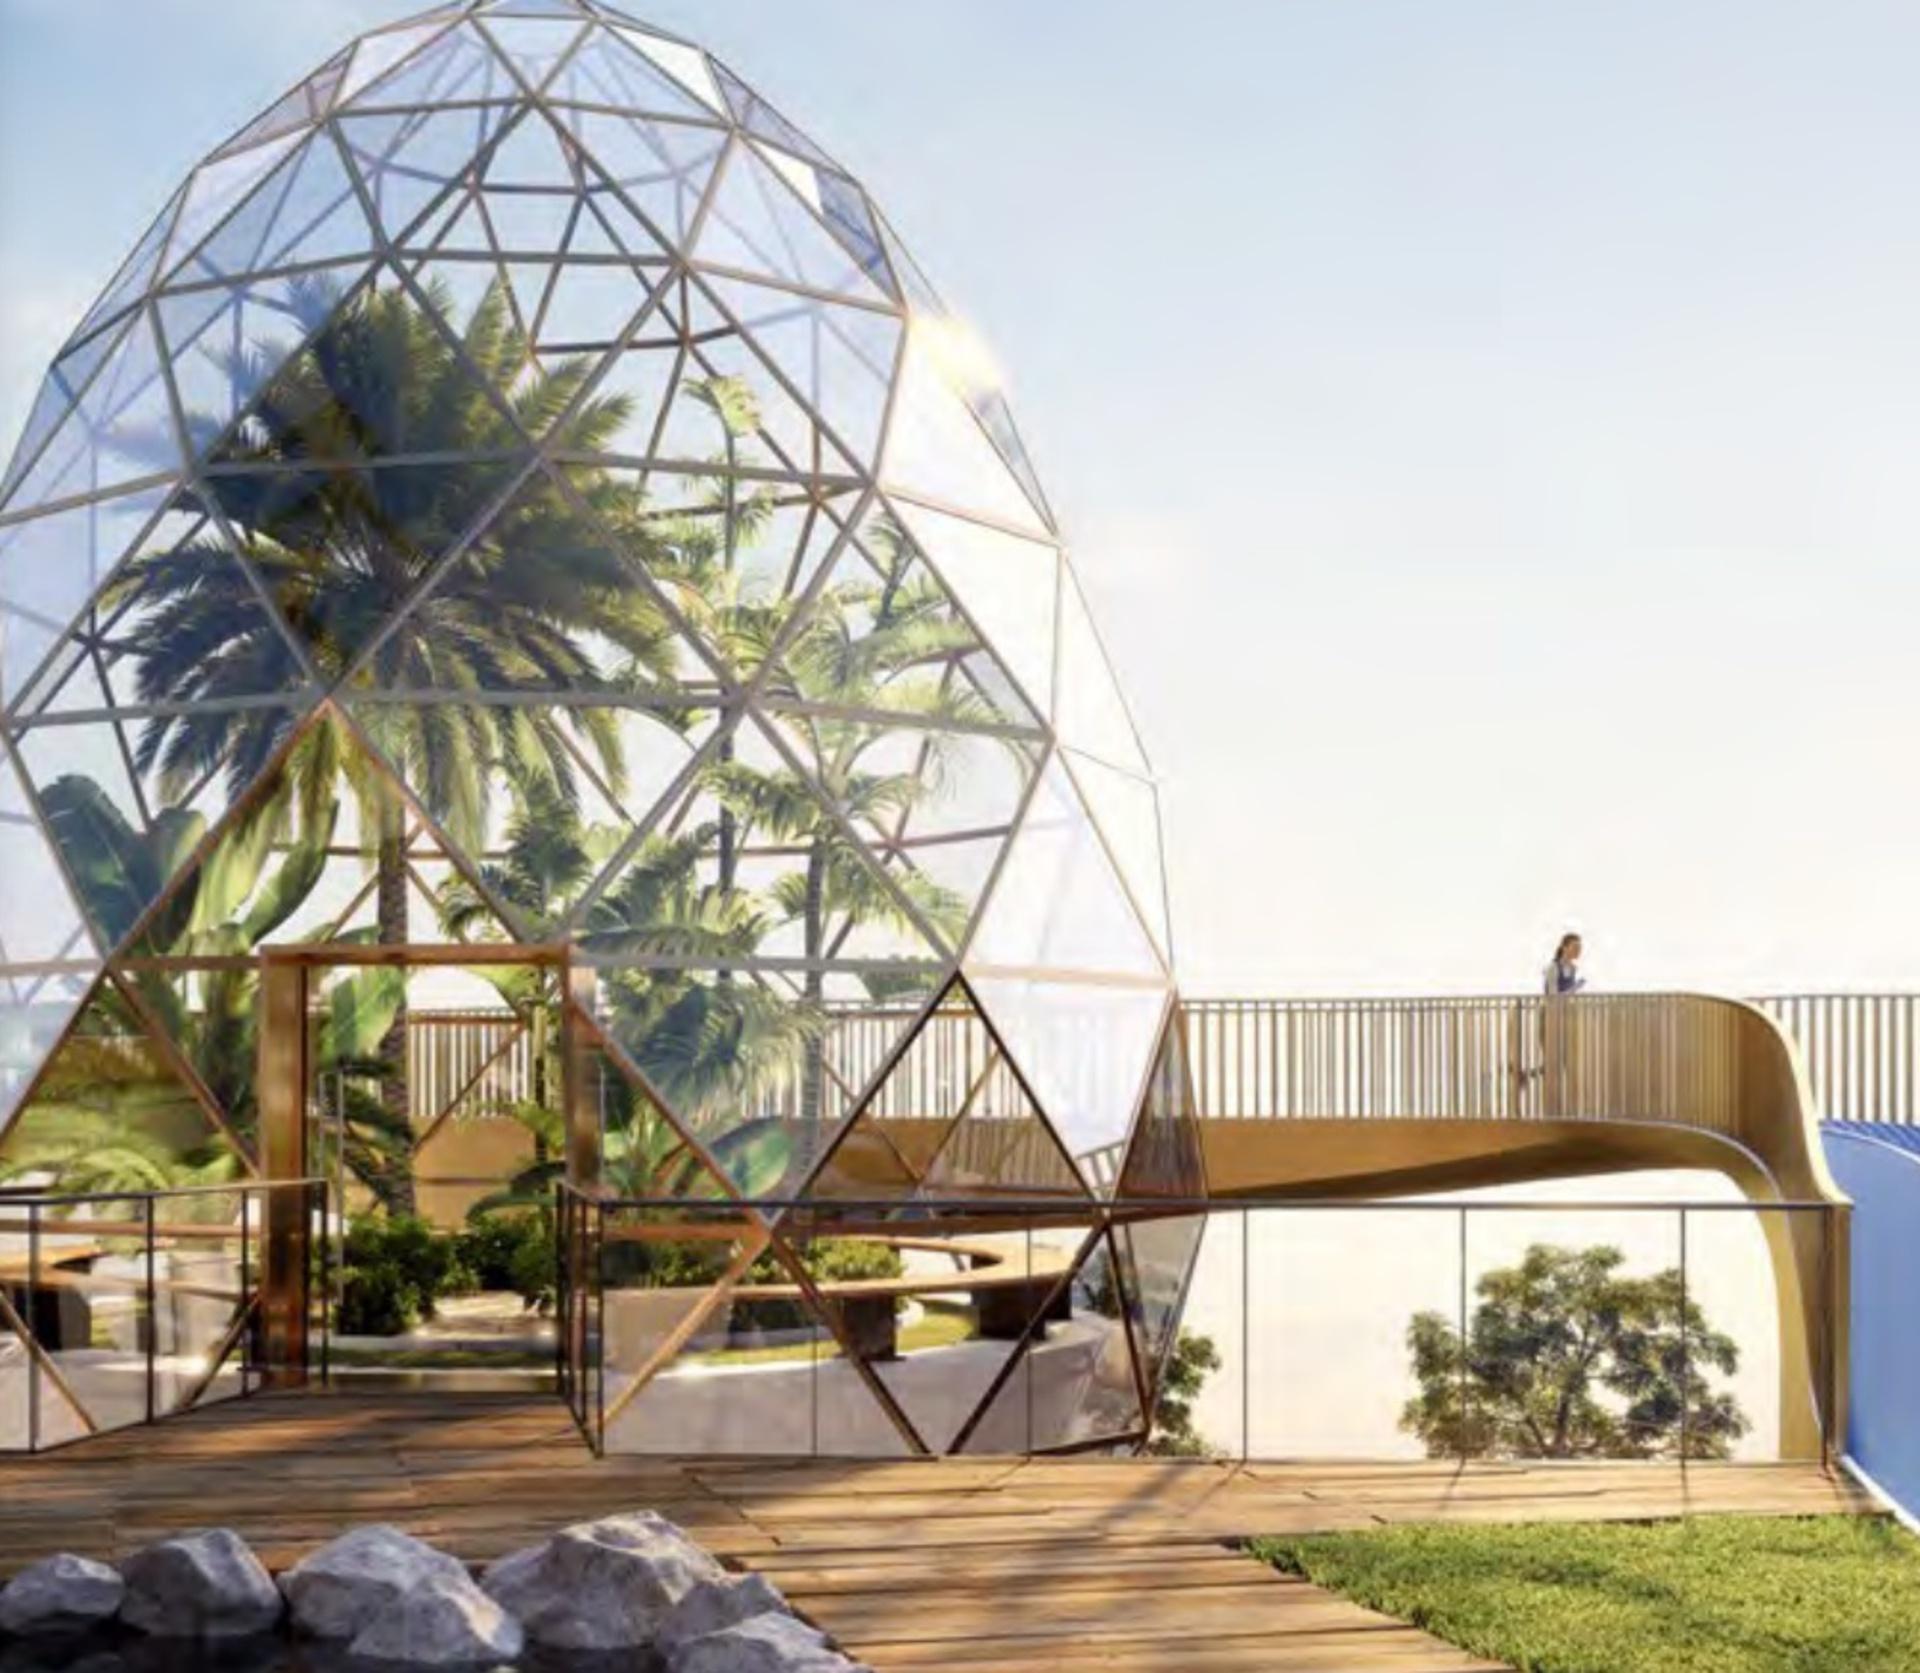 concord-metrotown-Artist's rendering of 'sphere' at Concord Metrotown (4750 Kingsway, Metrotown, Burnaby South)